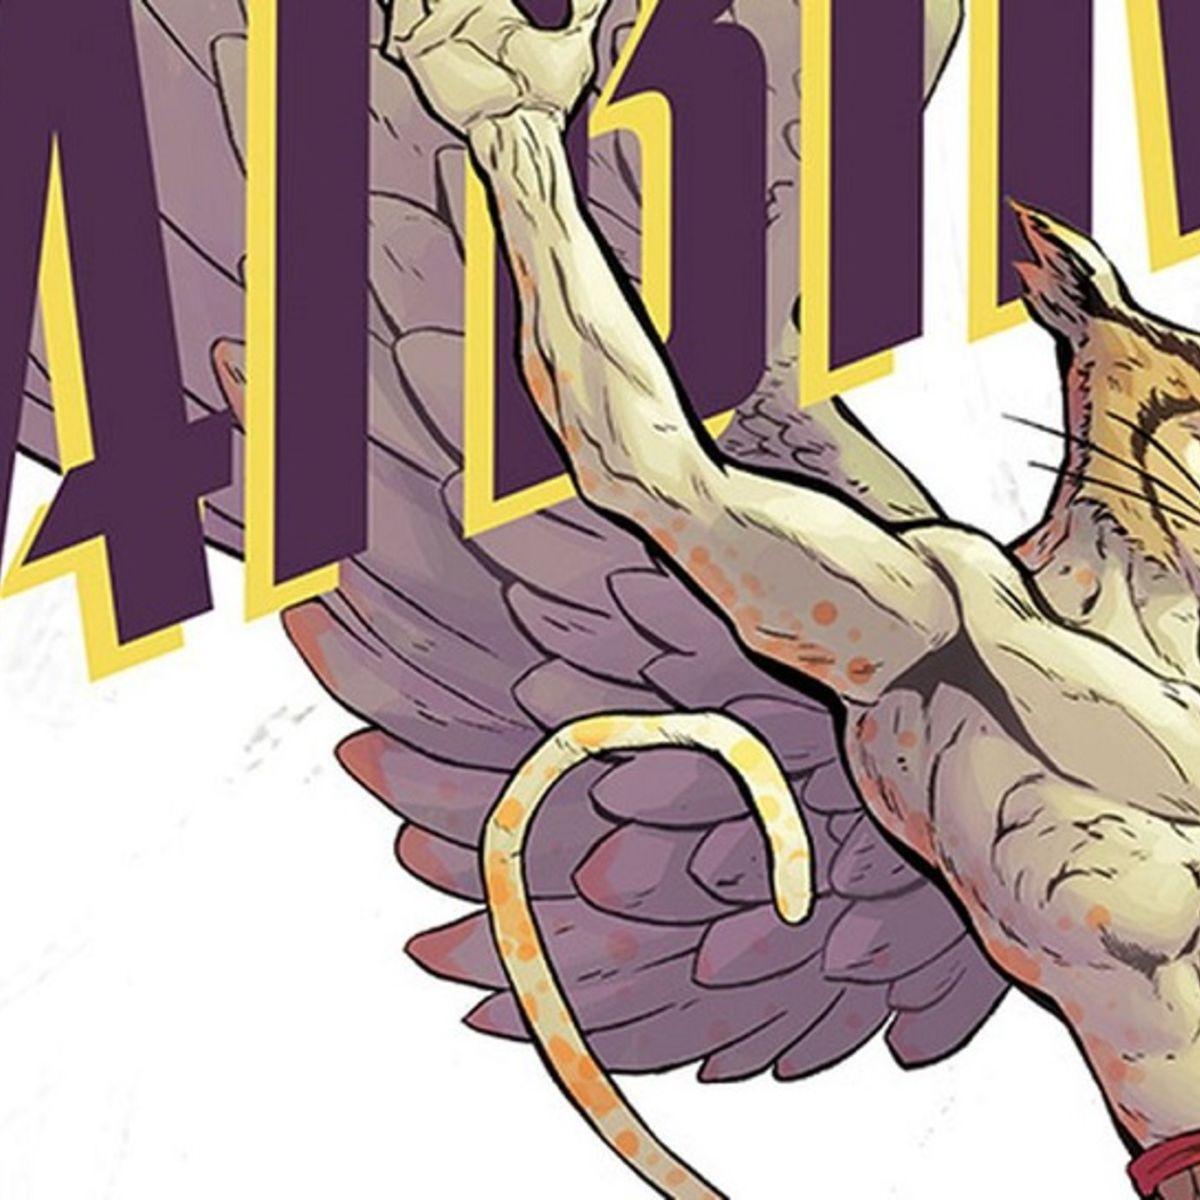 angel-catbird-featured.jpg